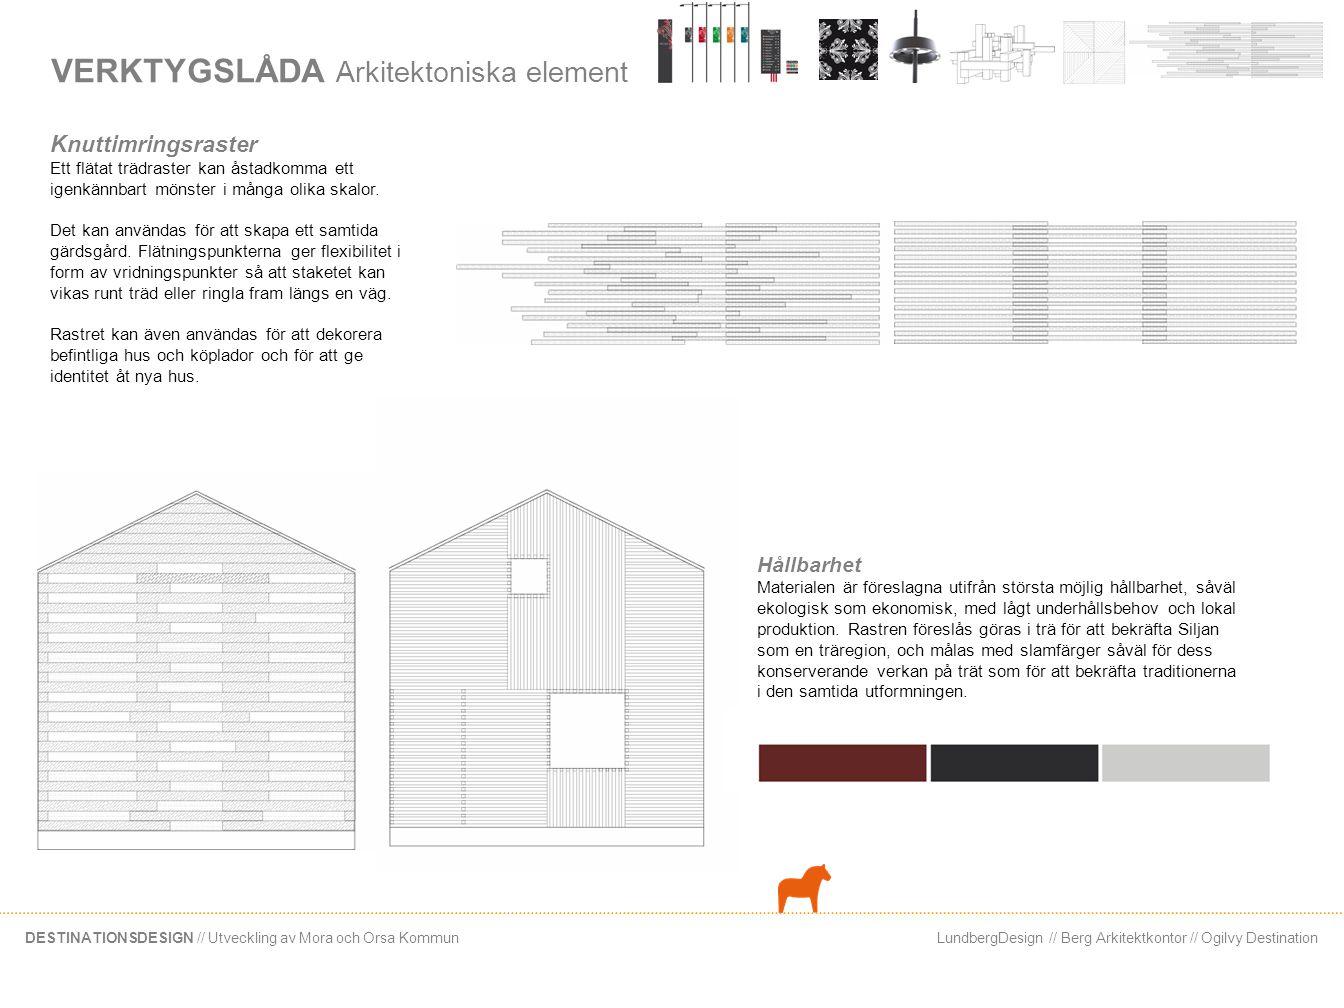 LundbergDesign // Berg Arkitektkontor // Ogilvy DestinationDESTINATIONSDESIGN // Utveckling av Mora och Orsa Kommun VERKTYGSLÅDA Arkitektoniska elemen